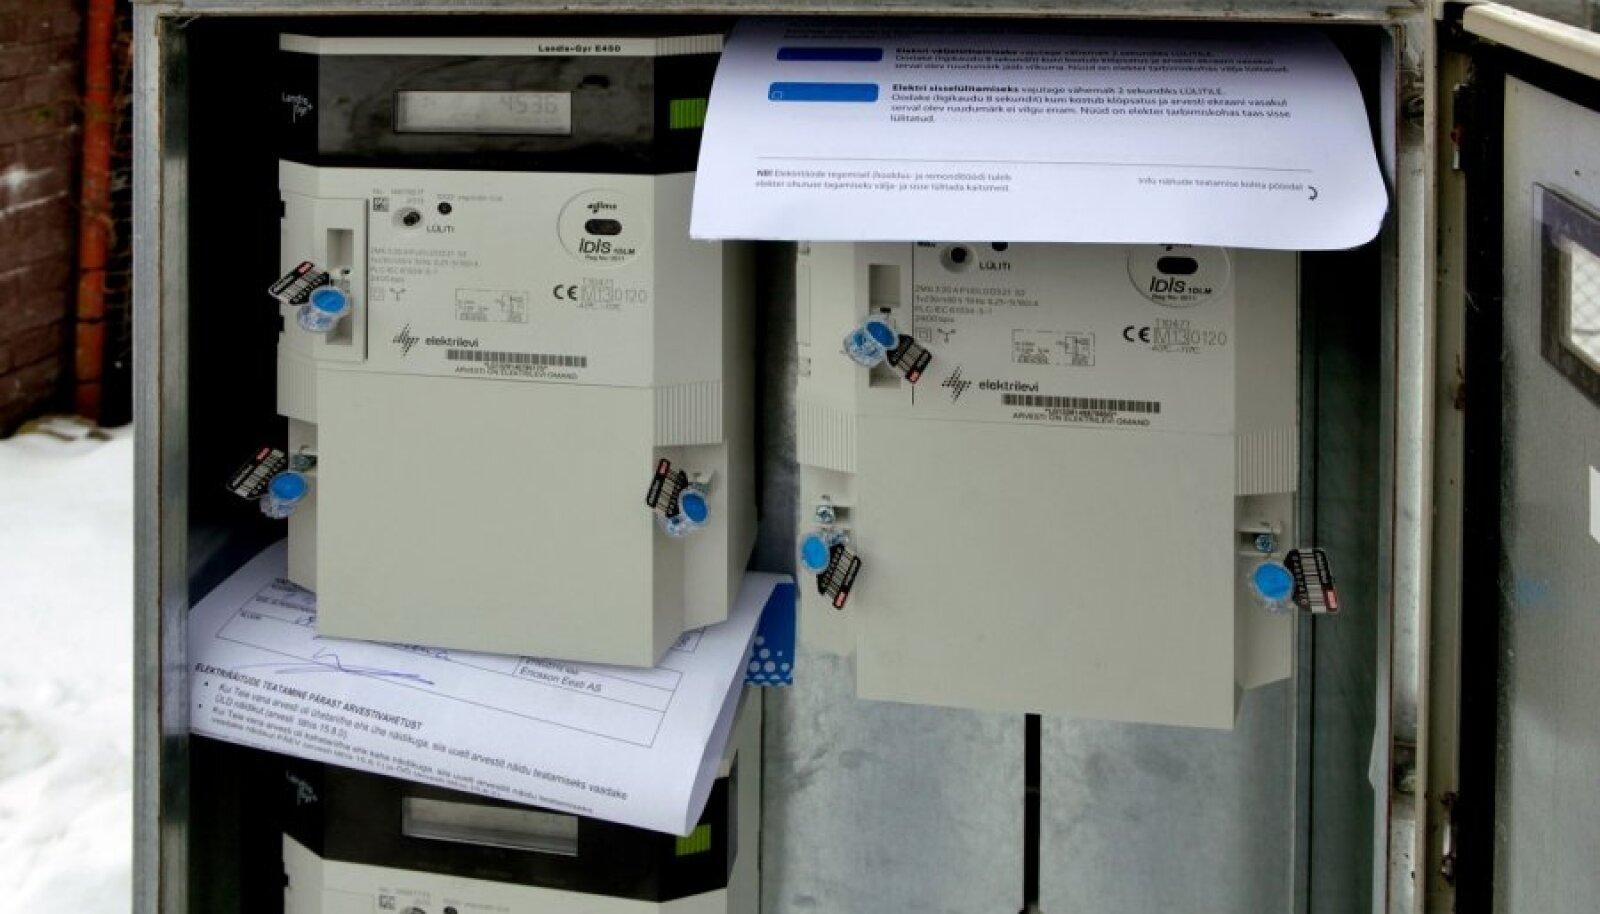 Kaugloetav elektriarvesti